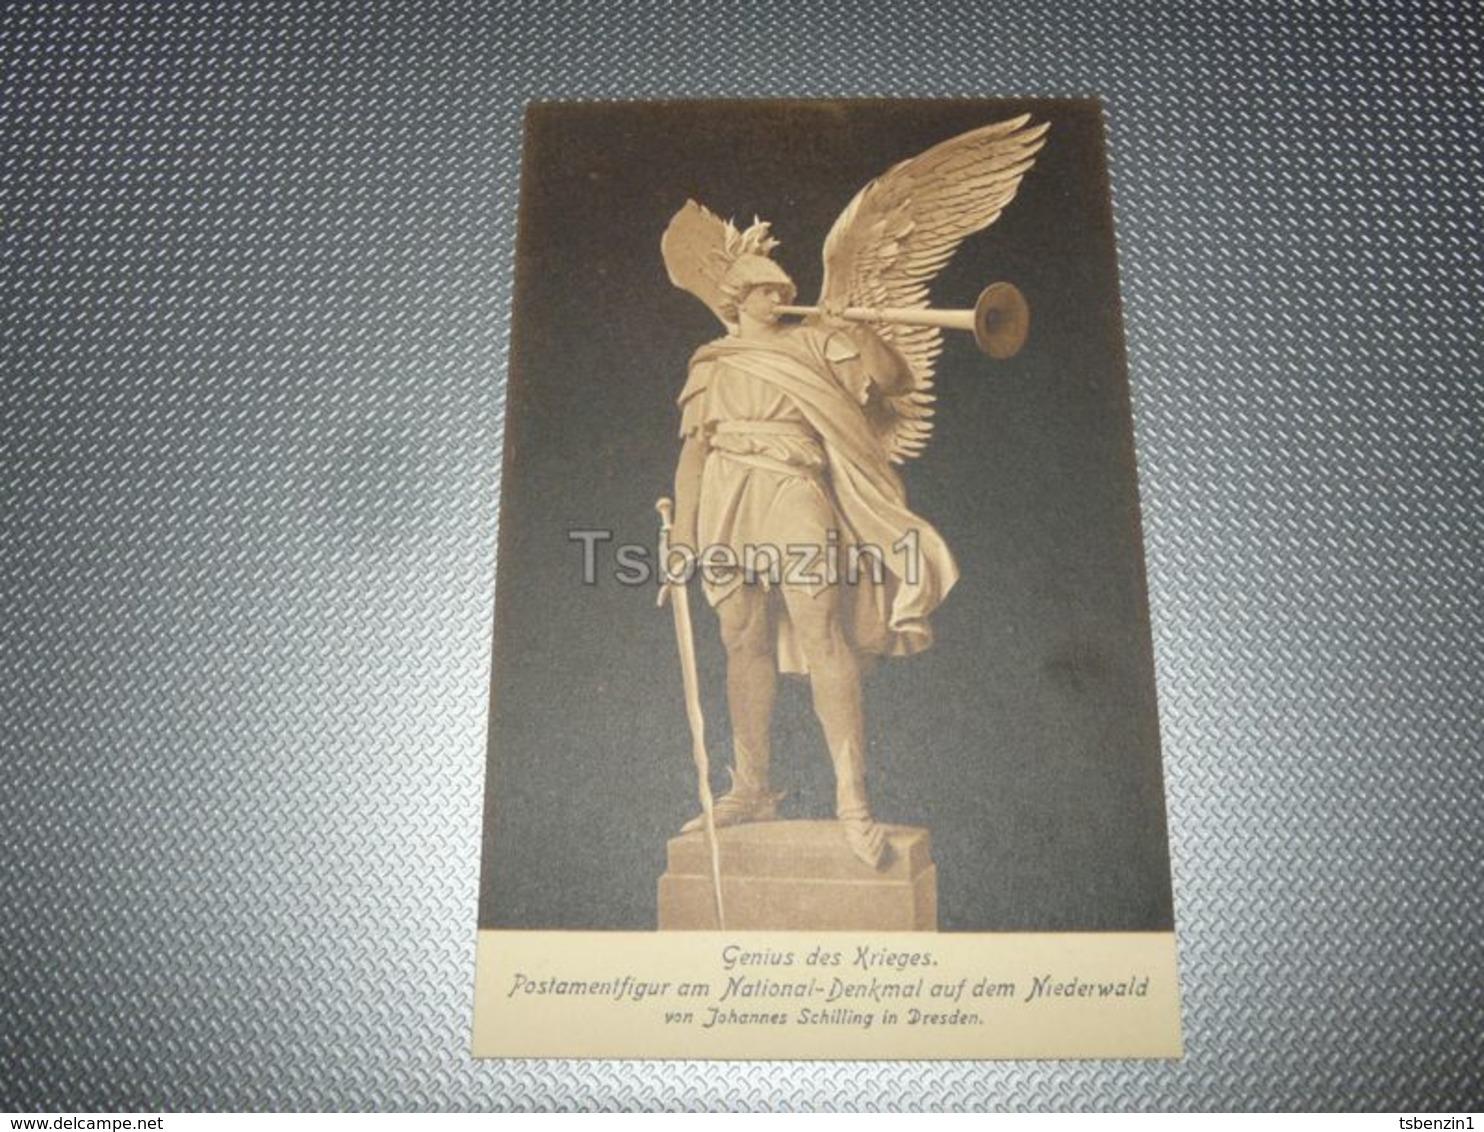 Genius Des Krieges. Postamentfigur Am National-Denkmal Auf Dem Niederwald Von Johannes Schilling In Dresden Germany - Dresden